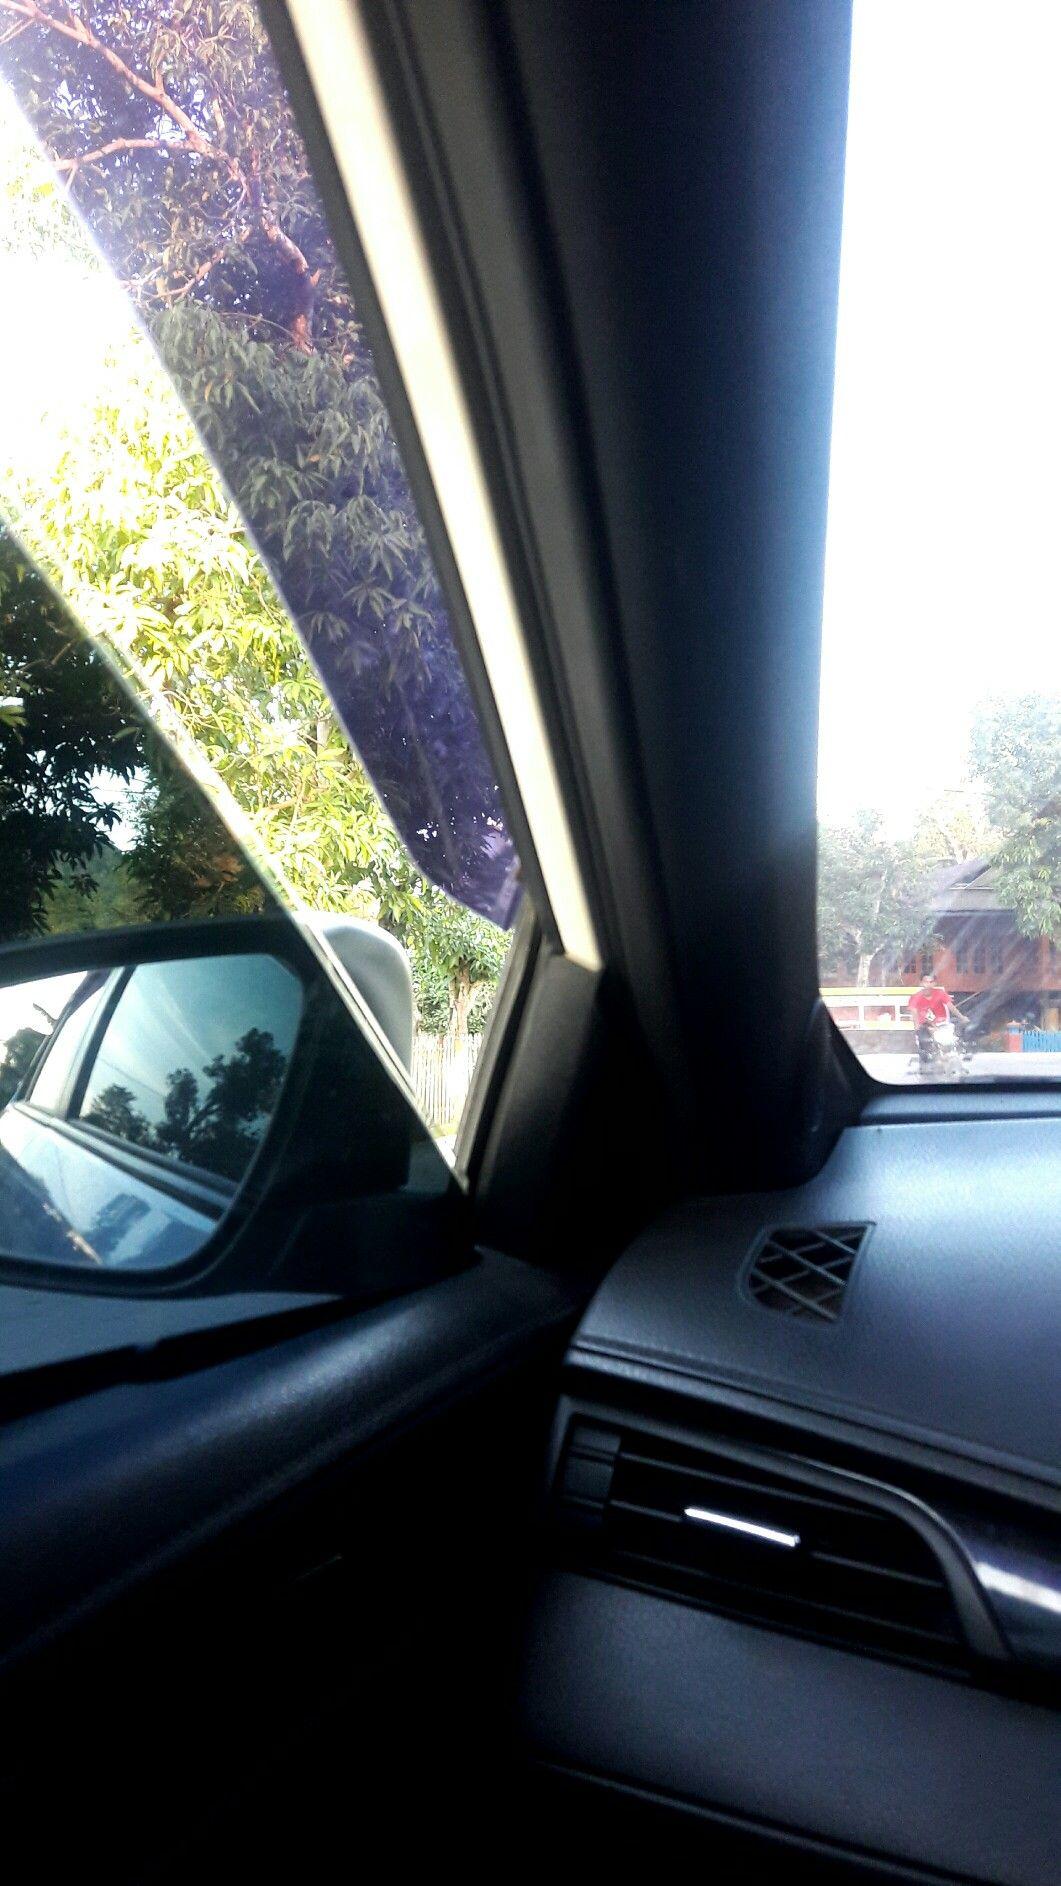 Pin Oleh Zahwa Oktavianti Di Cars Fotografi Perjalanan Fotografi Fotografi Jalanan